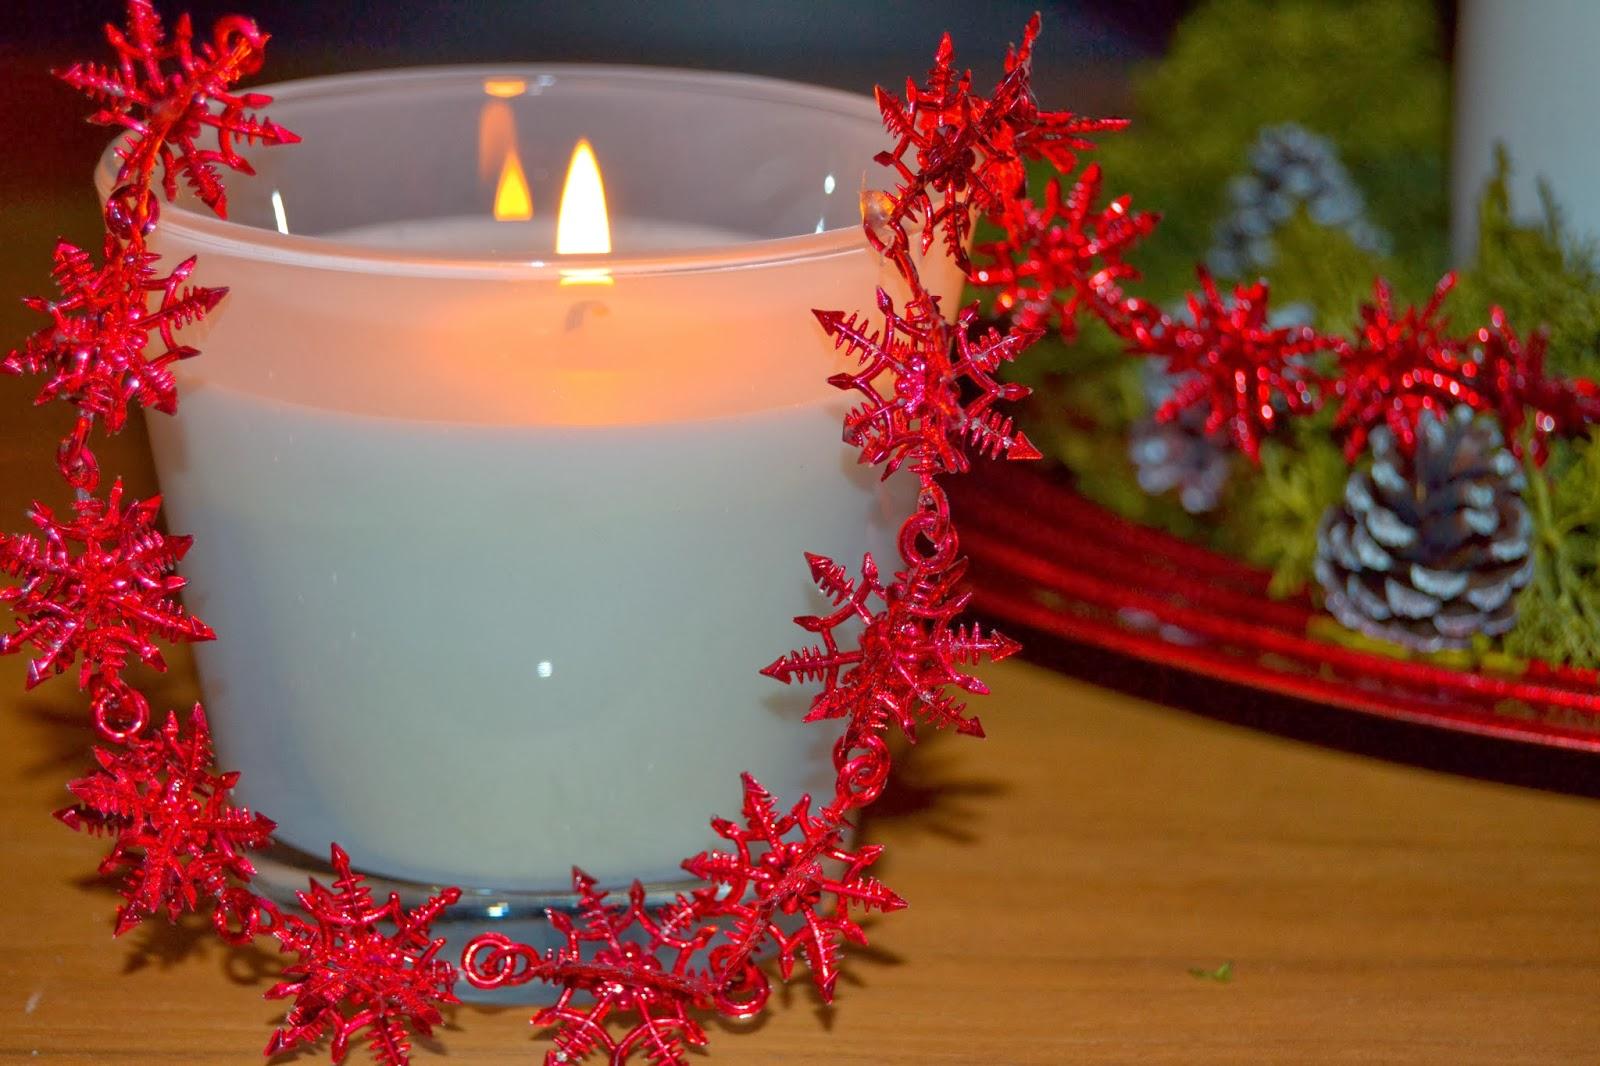 Decoracion navidad acot o dec blog de decoraci n - Blog decoracion navidad ...